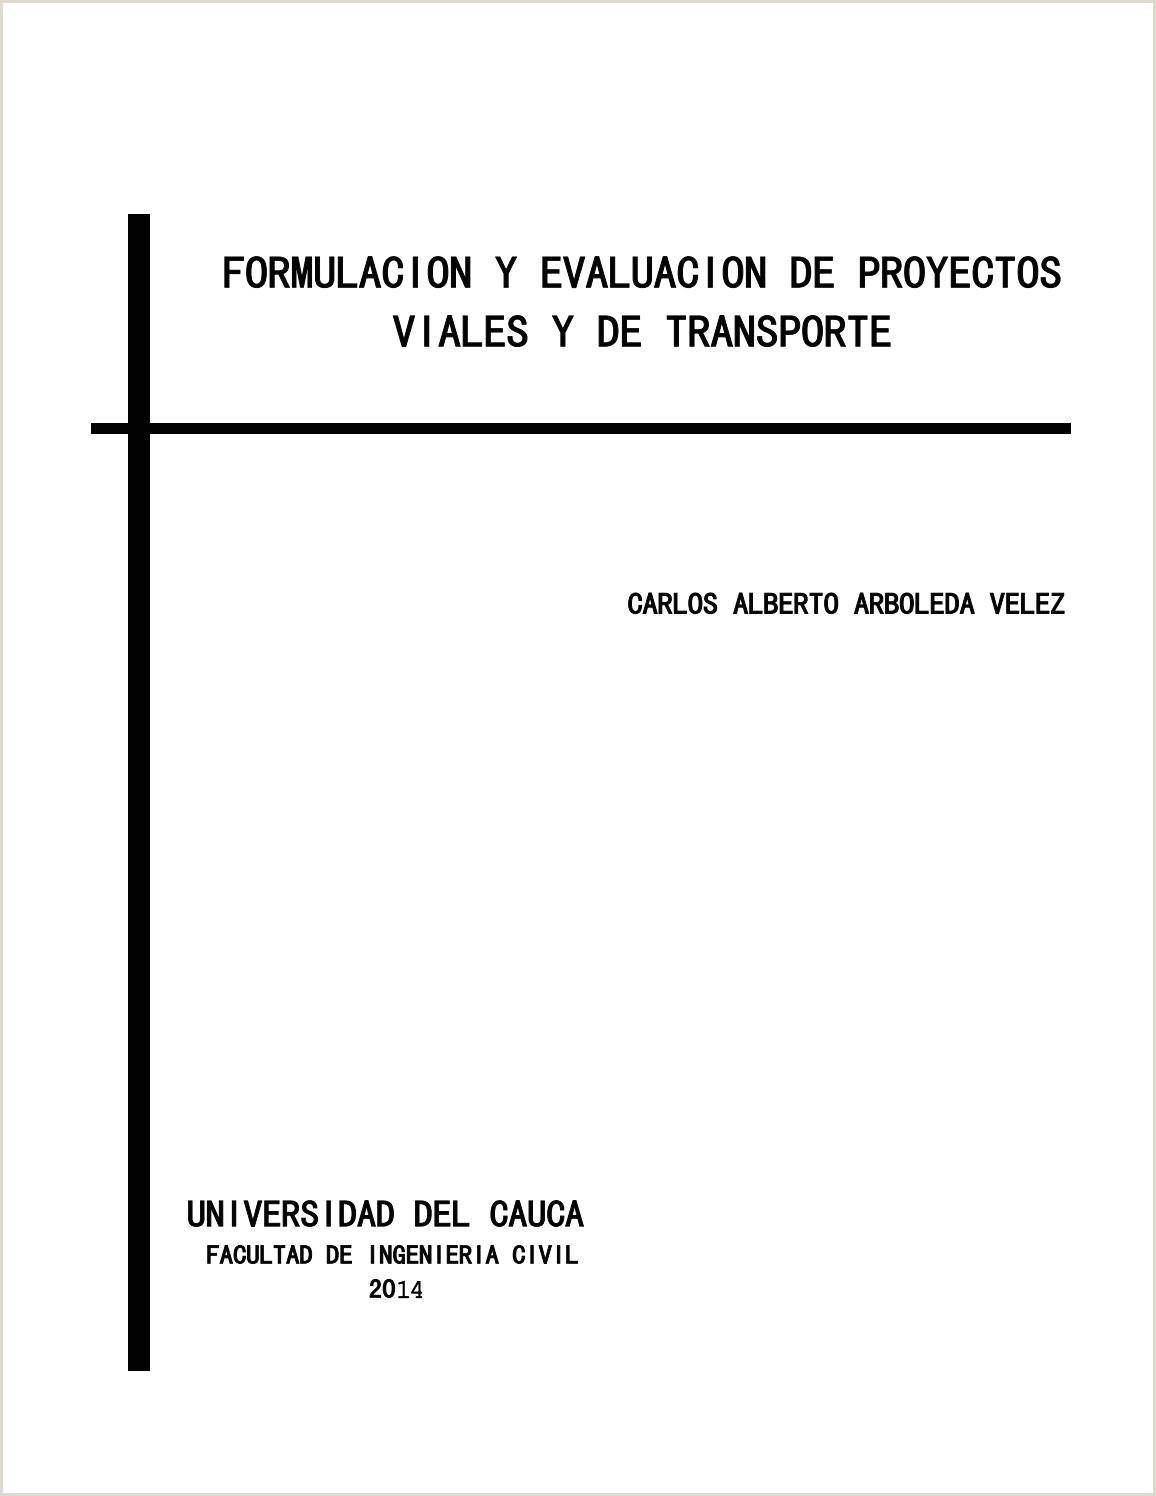 Hoja De Vida formato Unico Persona Juridica En Word formulacion Y Evaluacion De Proyectos Viales Y De Transporte